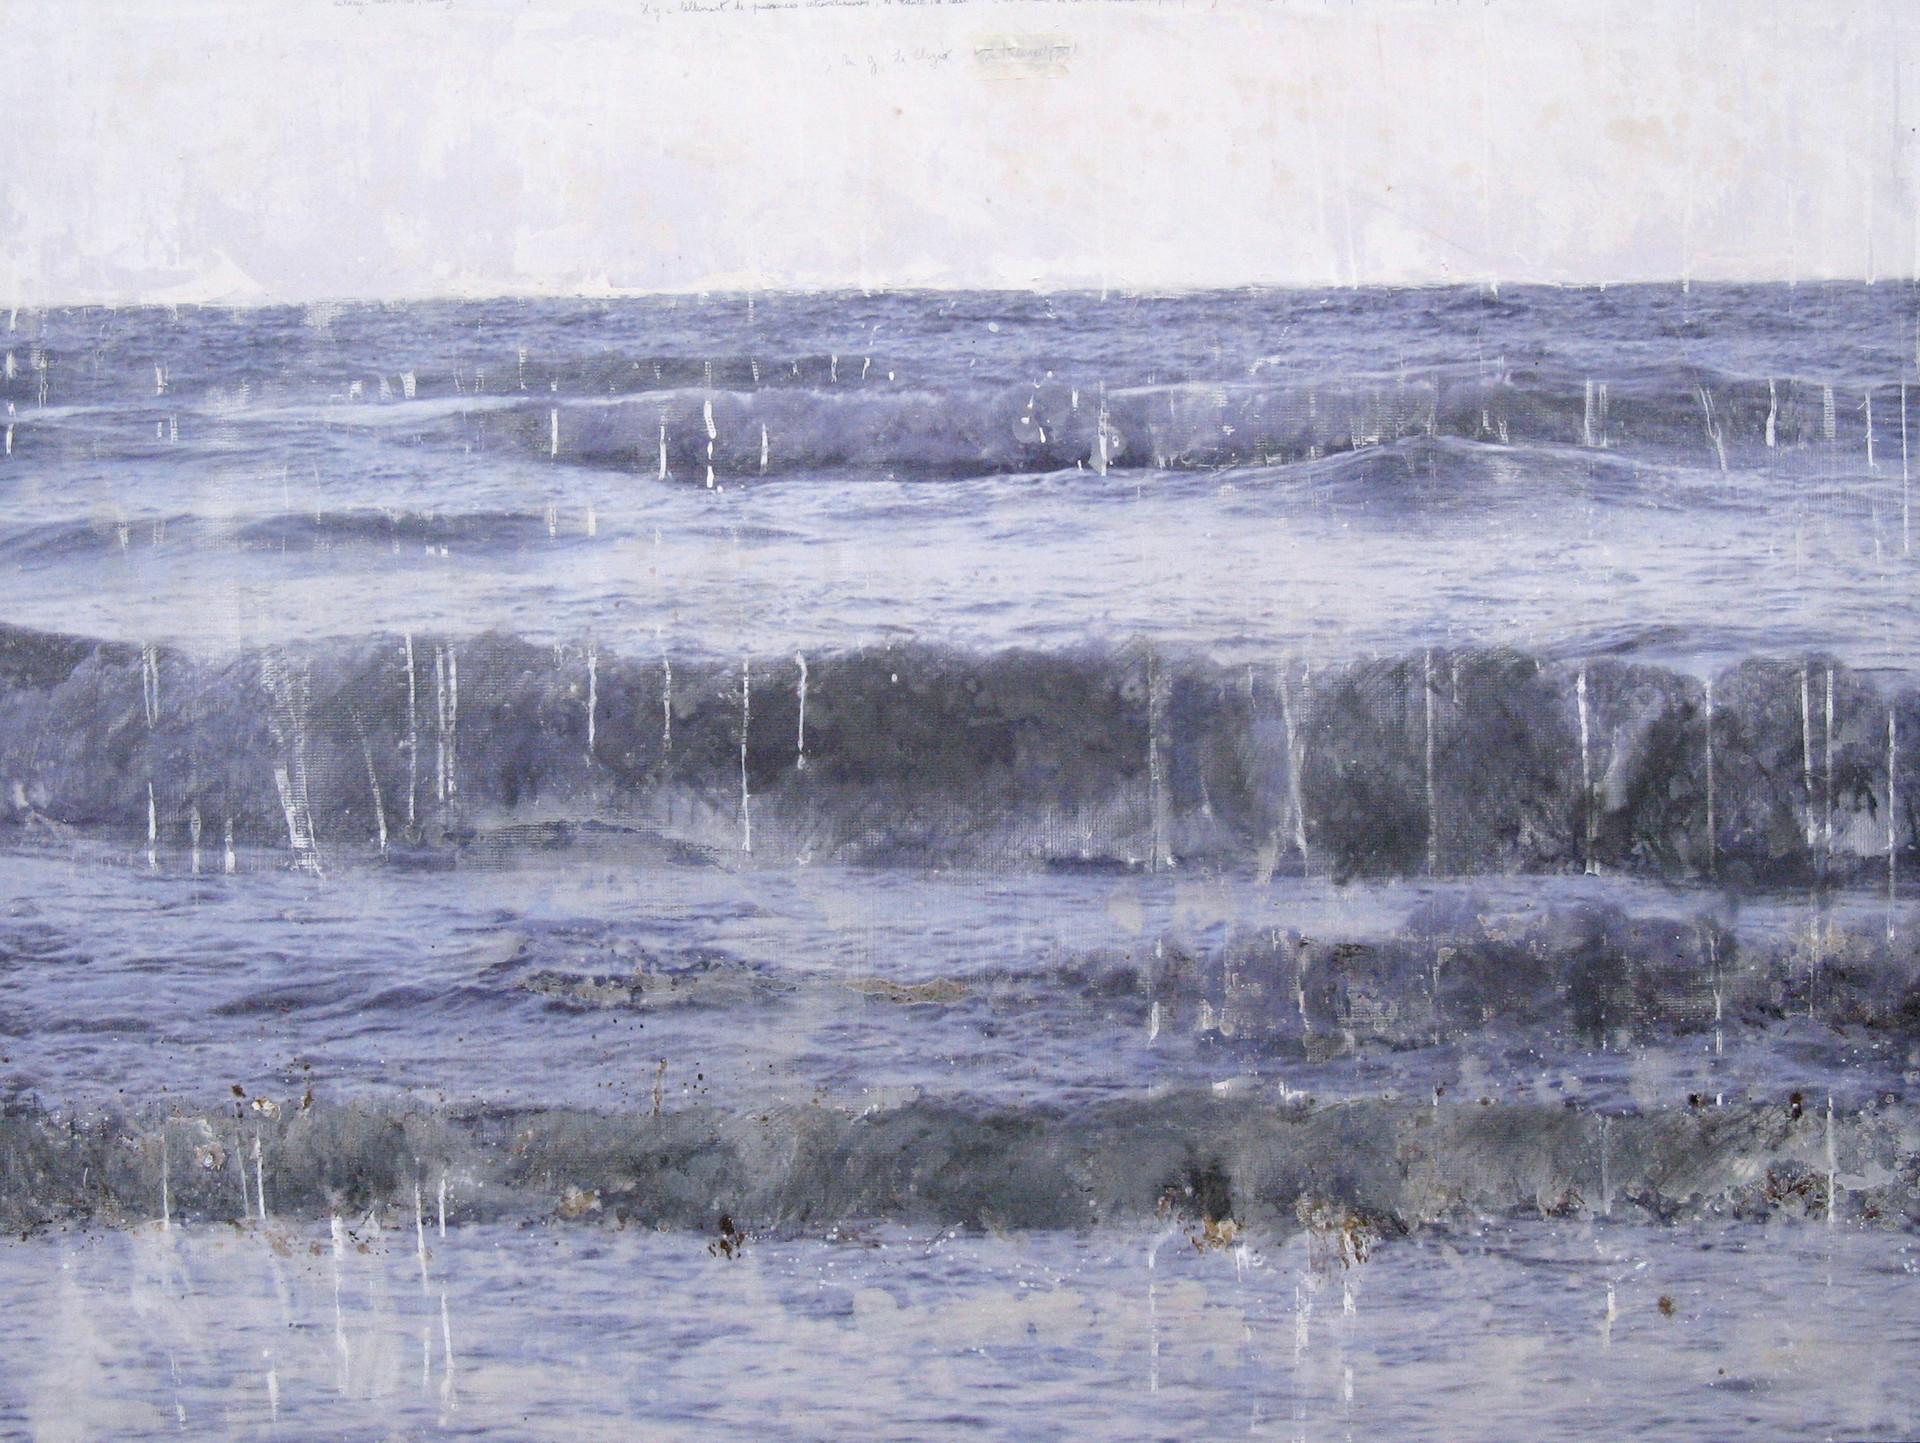 Les larmes de la mer, mixed media on vinyl, 170x120cms, 2011